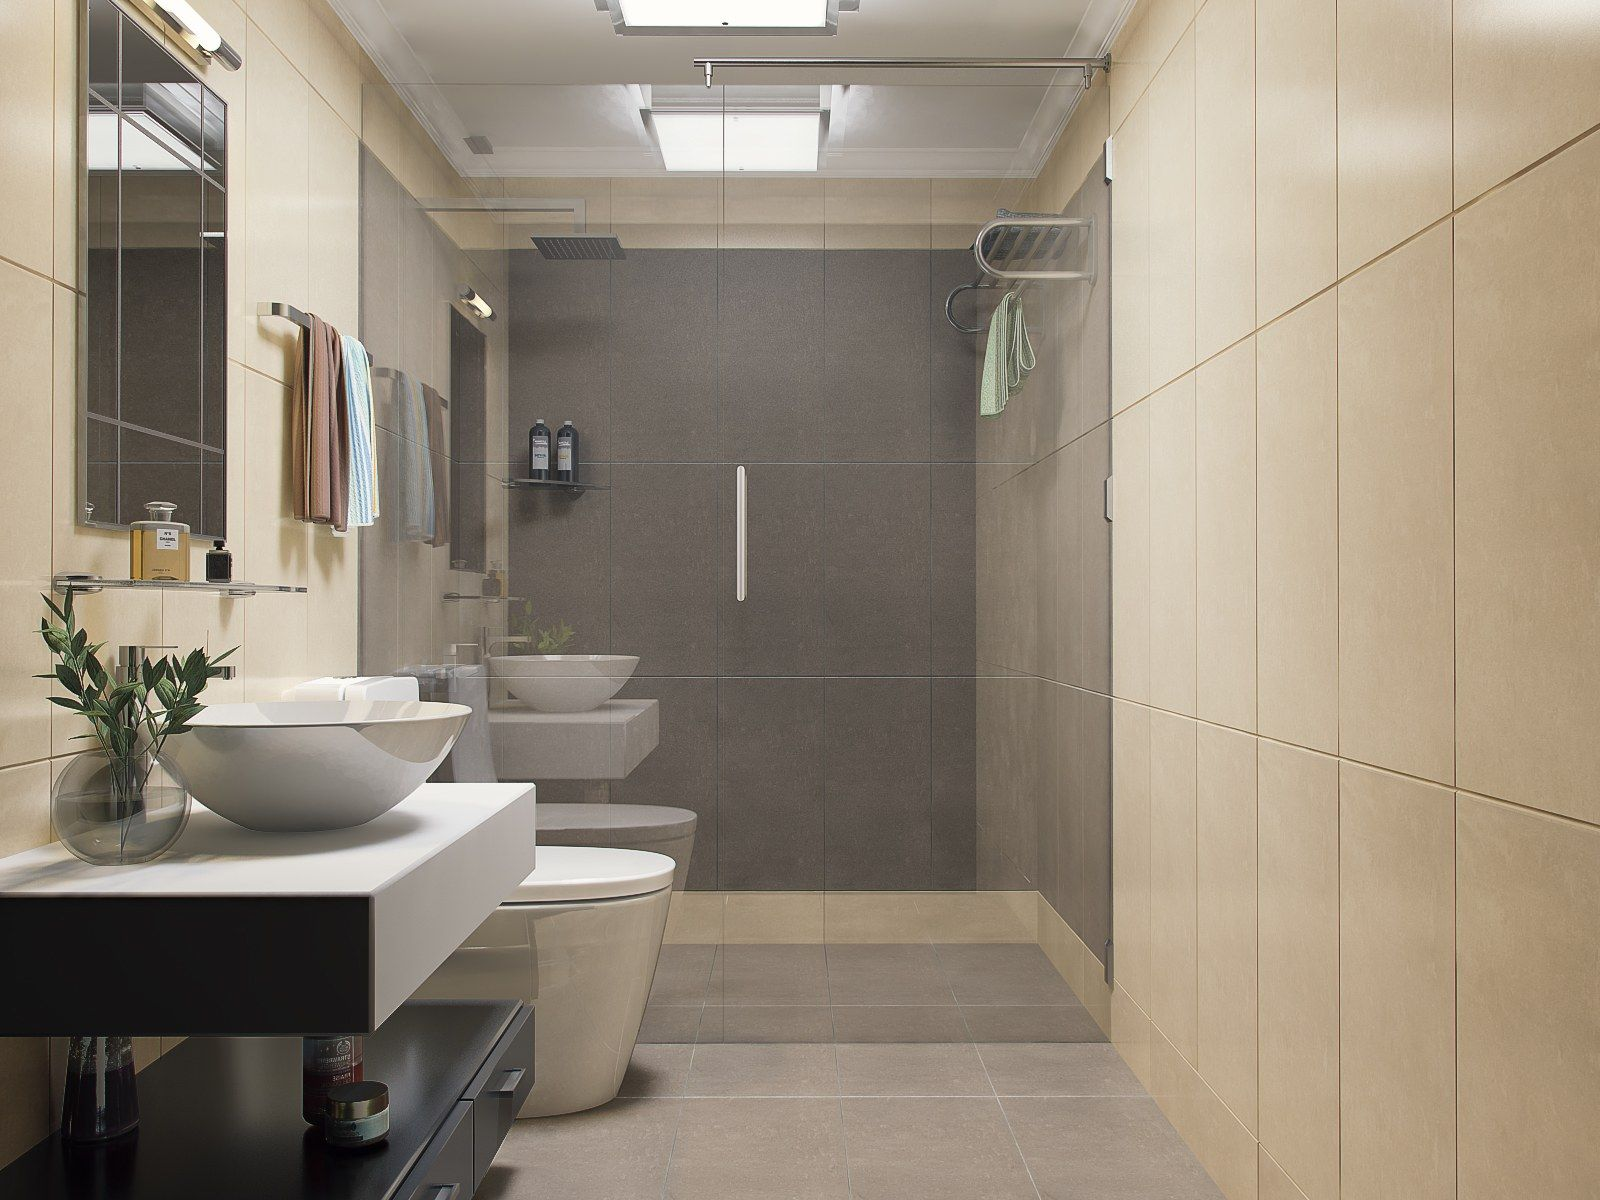 Sketchup free 3d model bathroom visopt by hu phc model su sketchup free 3d model bathroom visopt by hu phc sisterspd